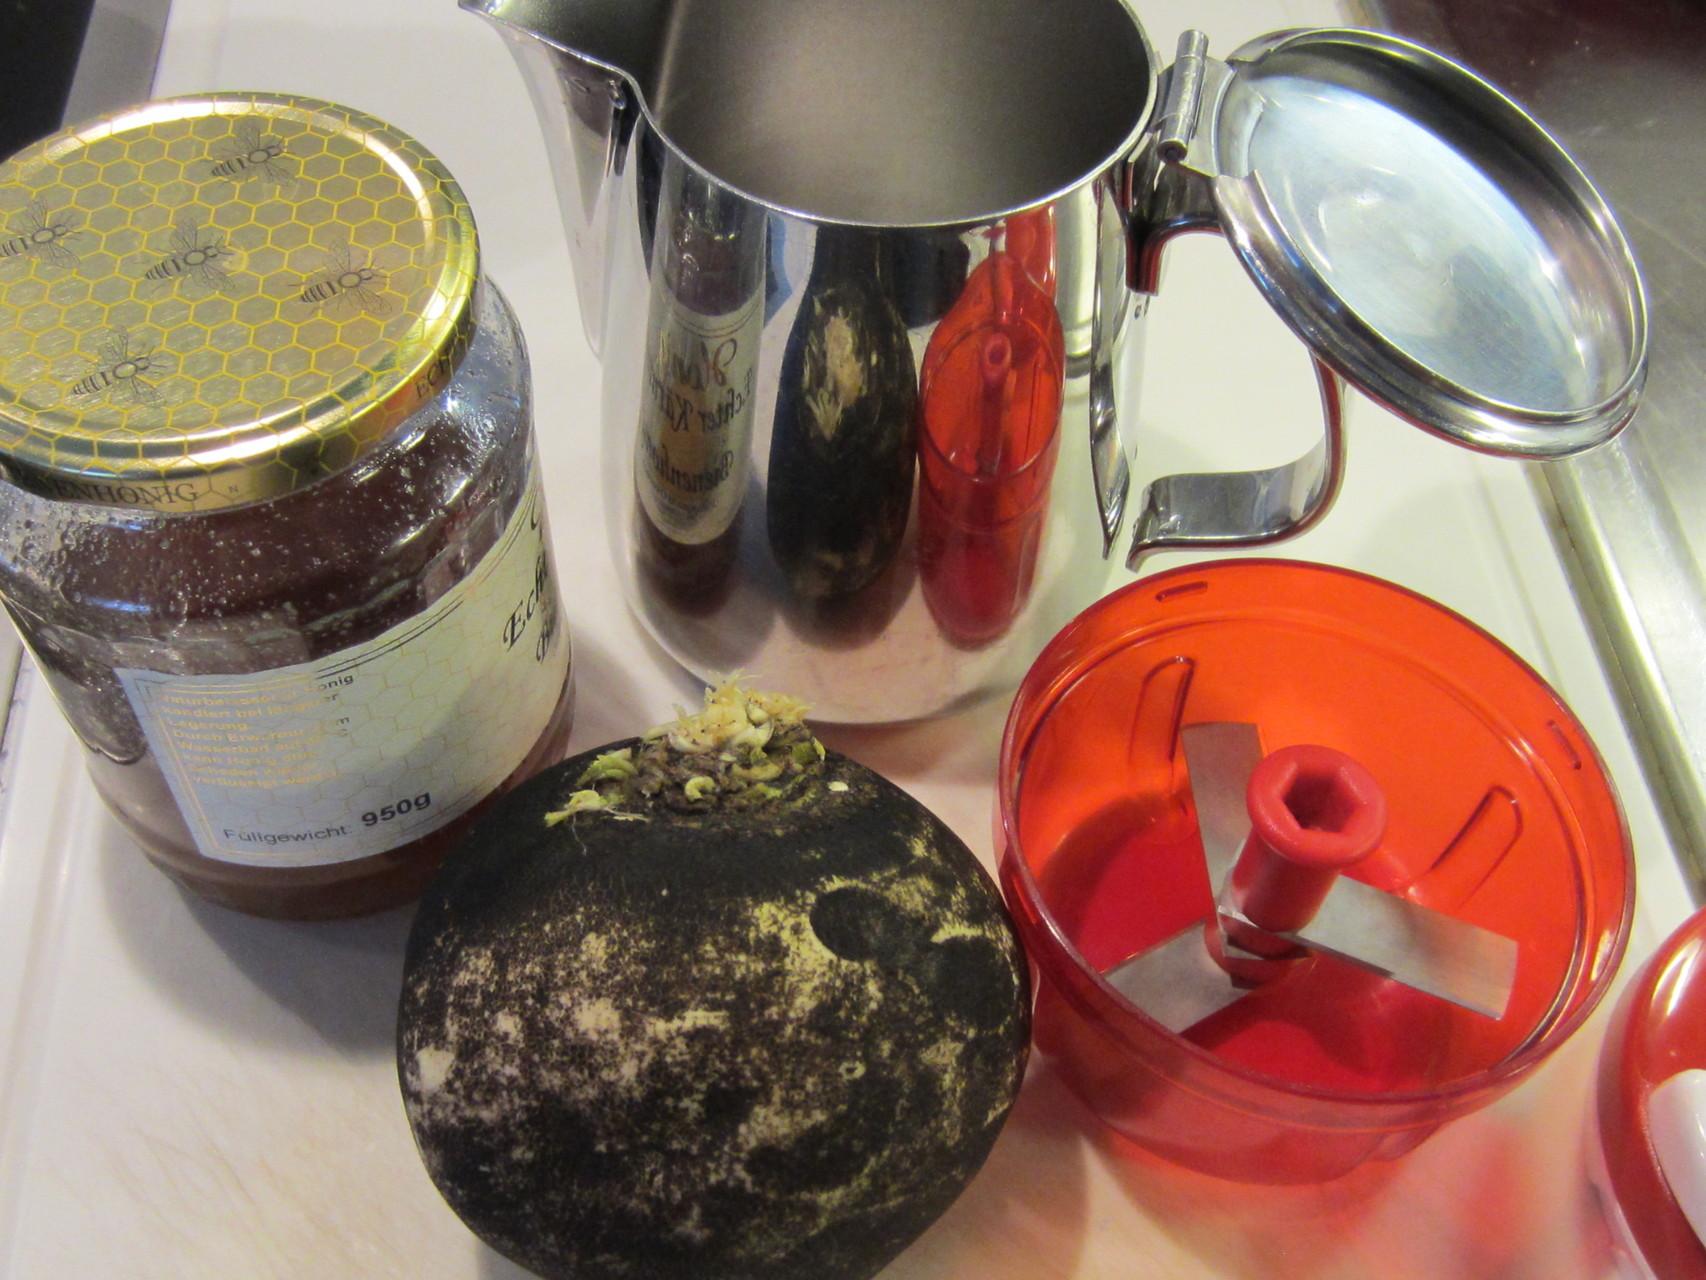 zutaten: rettich, honig, kanne, zerleinerer